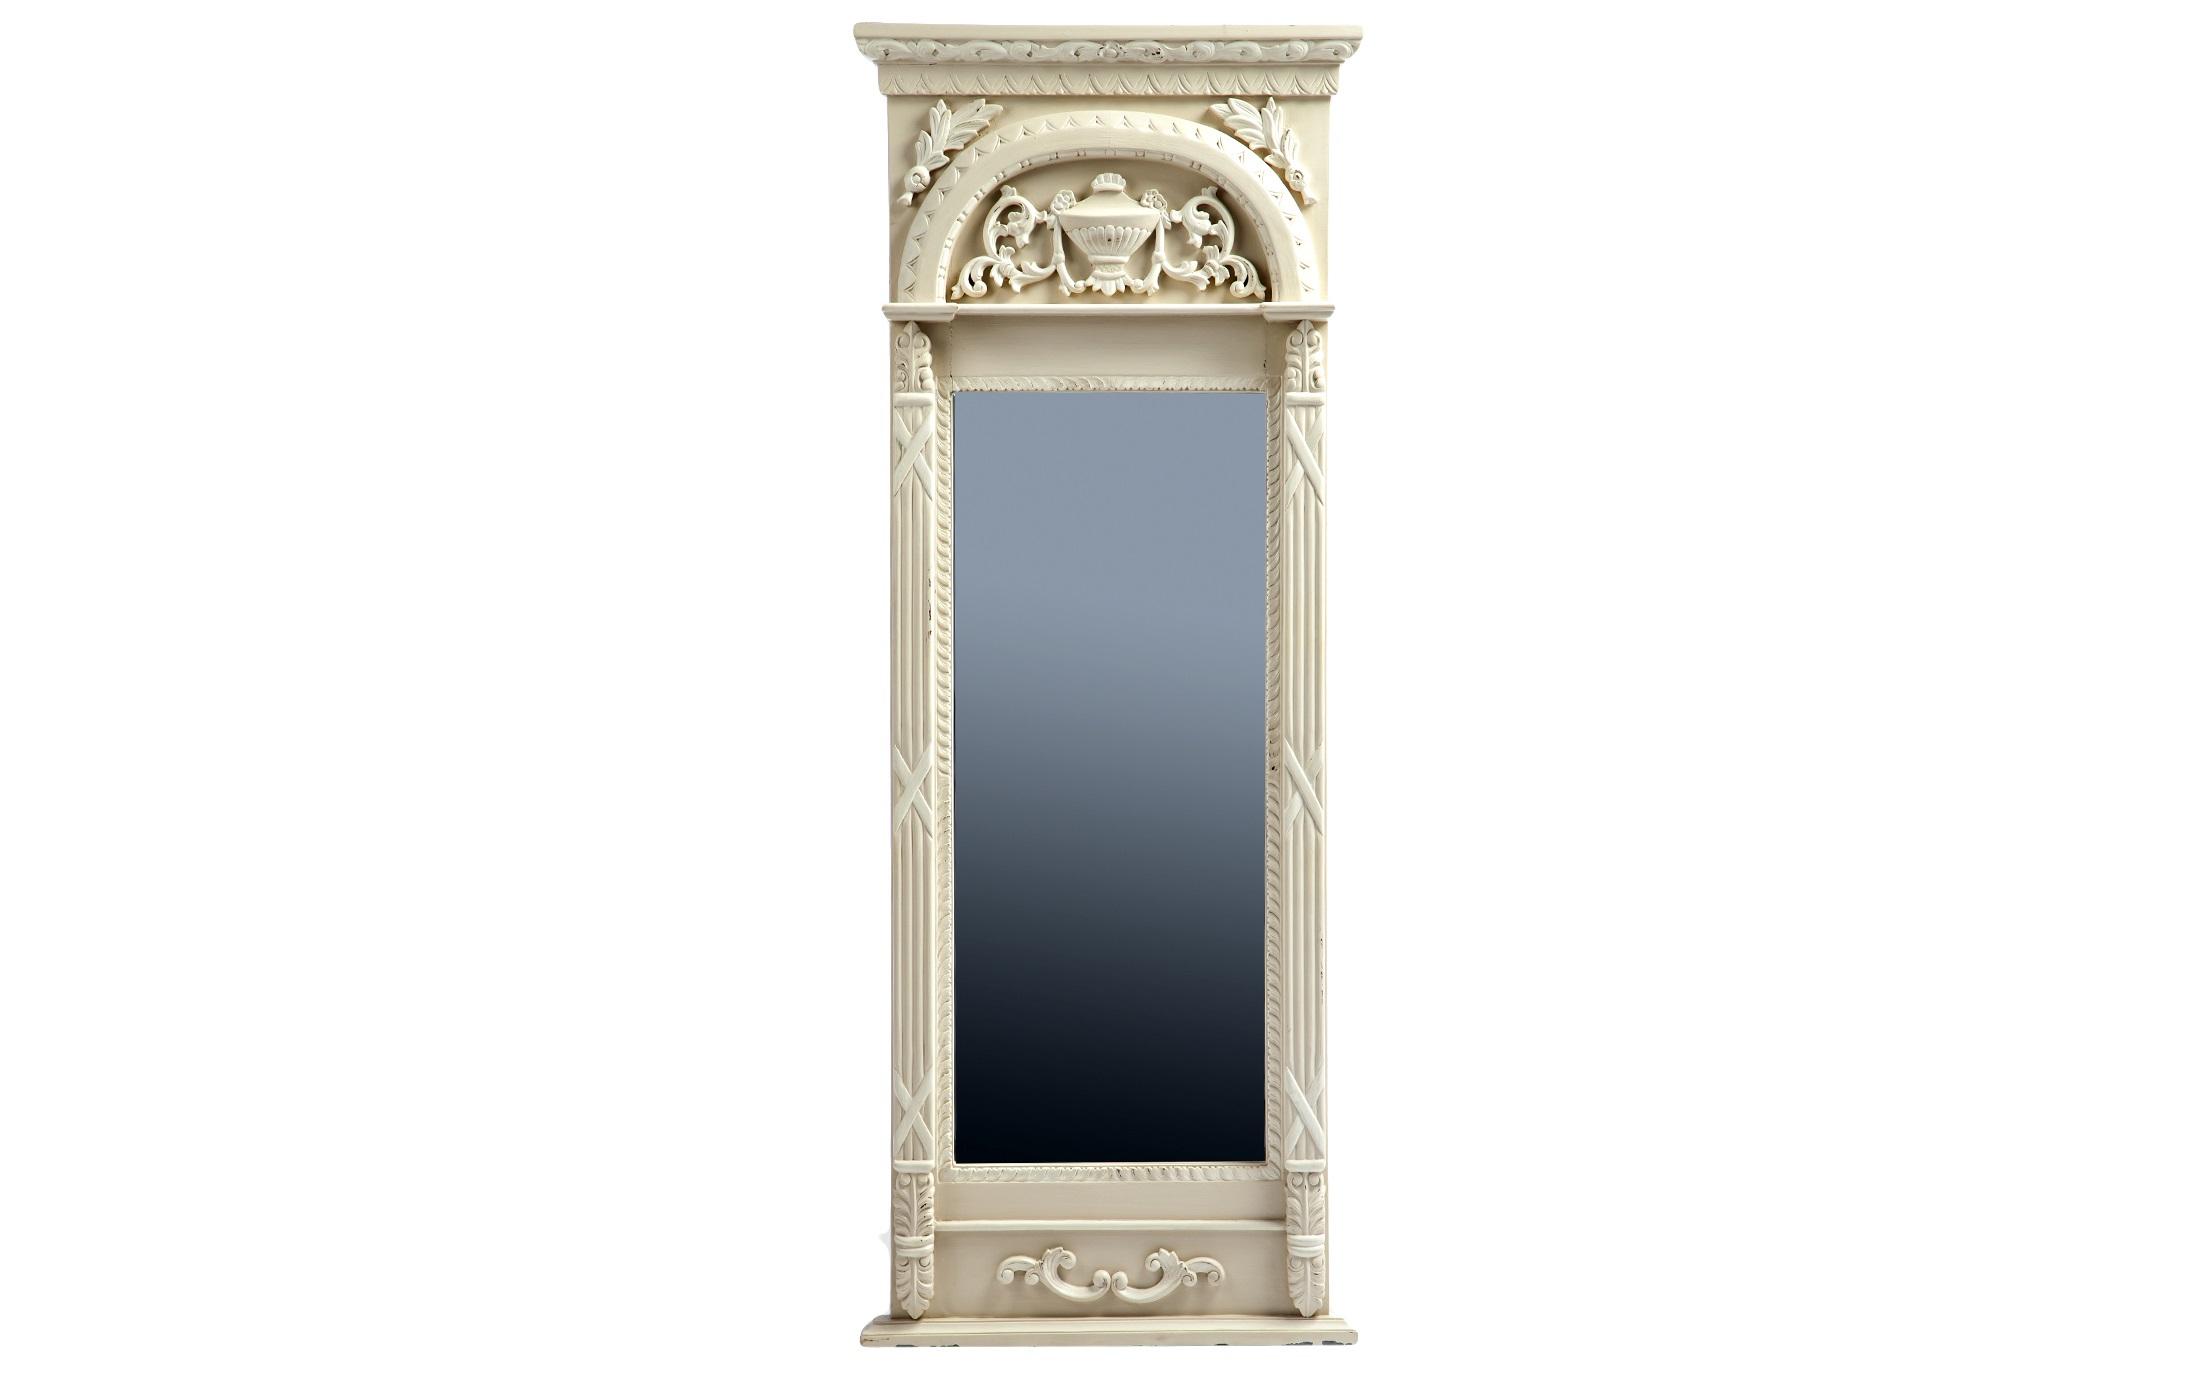 Зеркало ЛионНастенные зеркала<br>Зеркало в классическом стиле в раме из дерева махагони, украшенной резьбой с античным мотивом и старением.<br><br>Material: Красное дерево<br>Width см: 64<br>Depth см: 10<br>Height см: 167